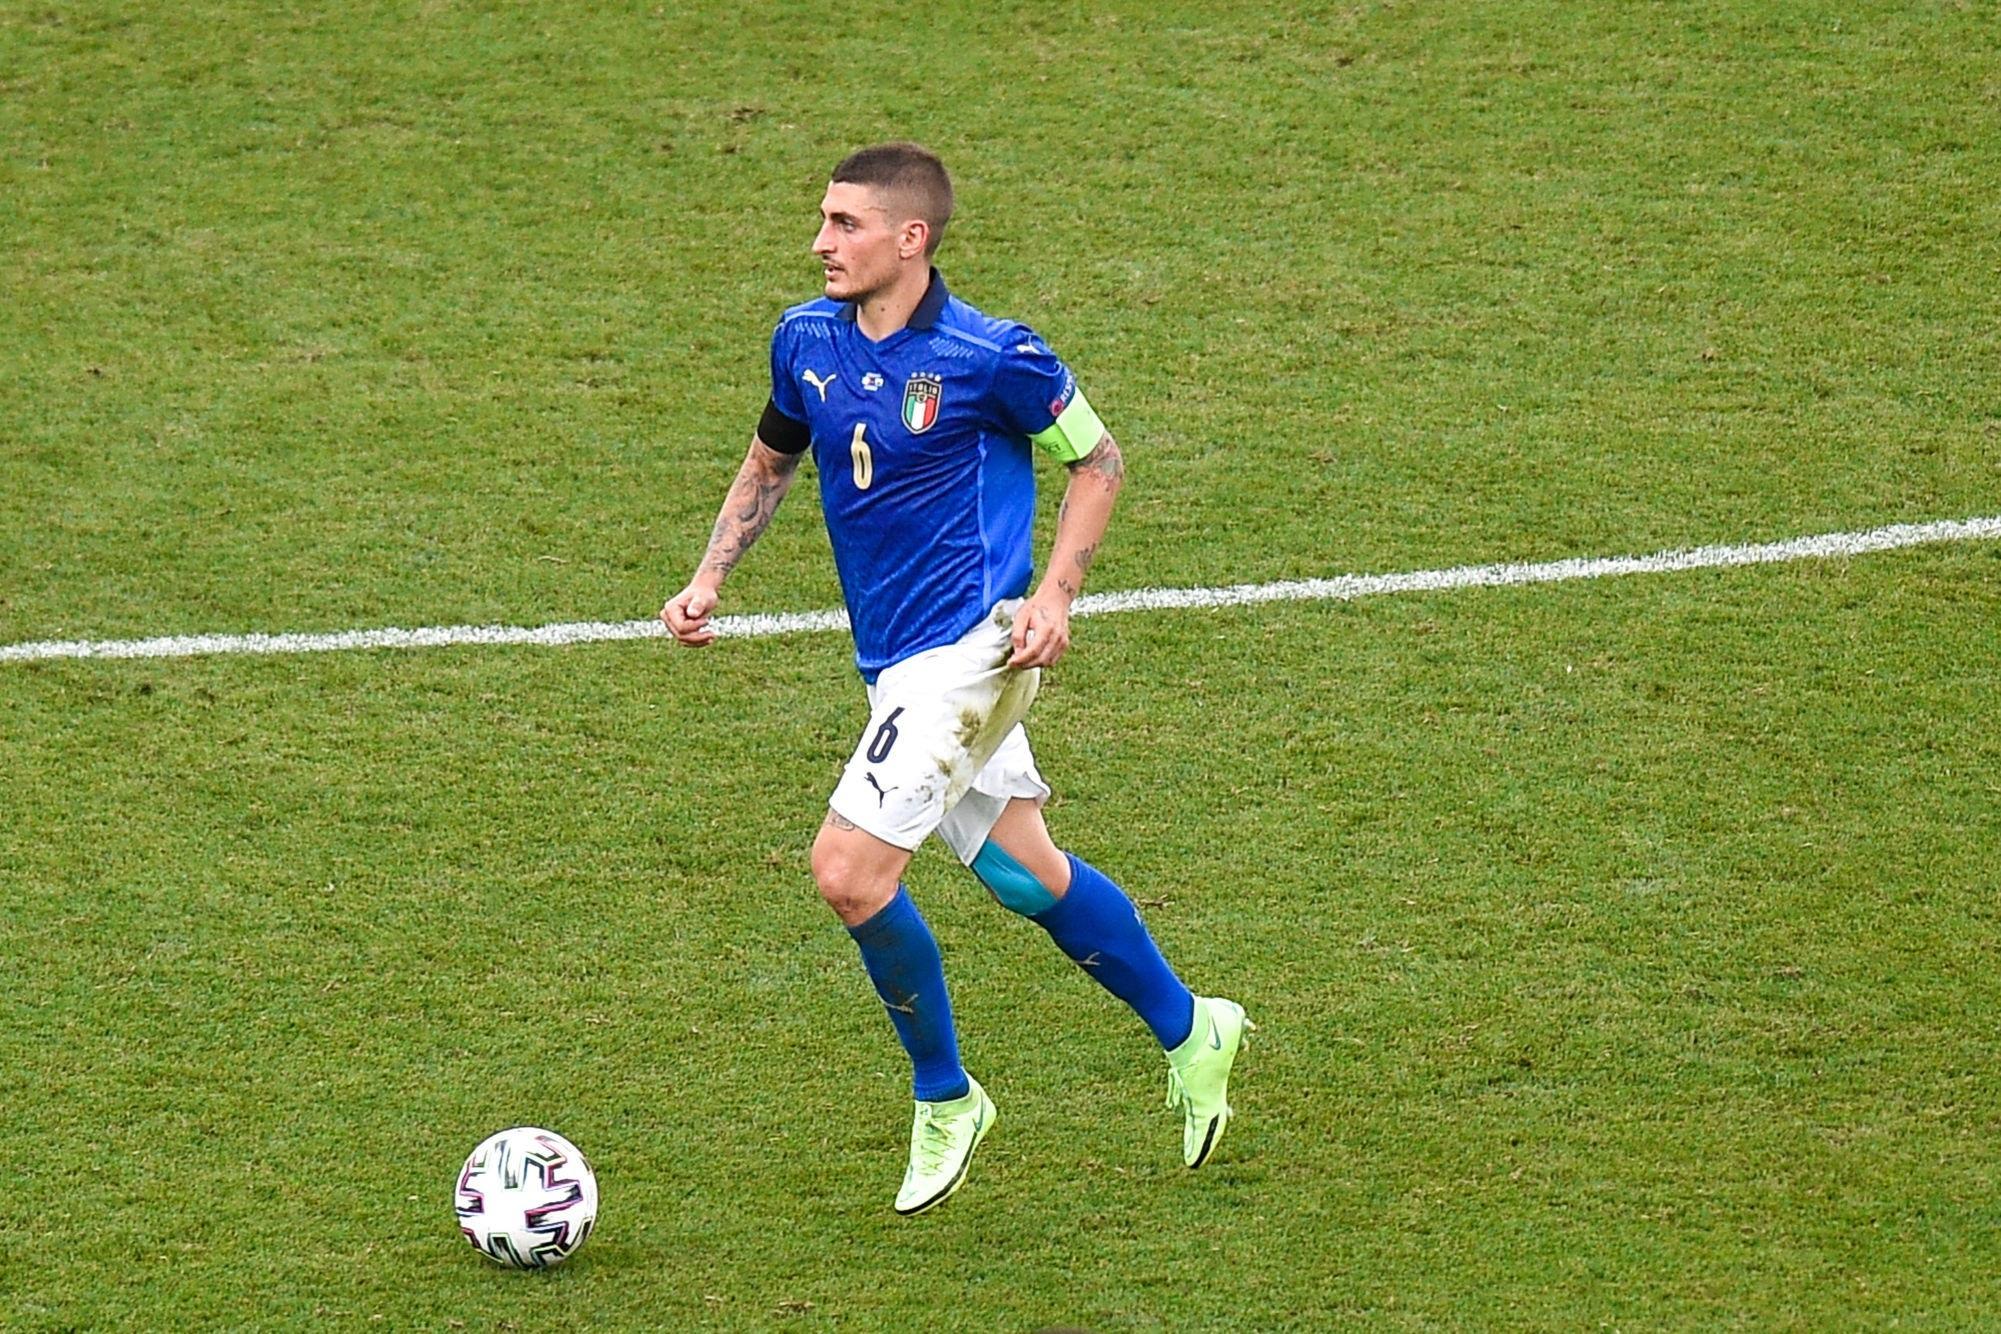 Italie/Pays de Galles - Verratti a impressionné lors de son retour